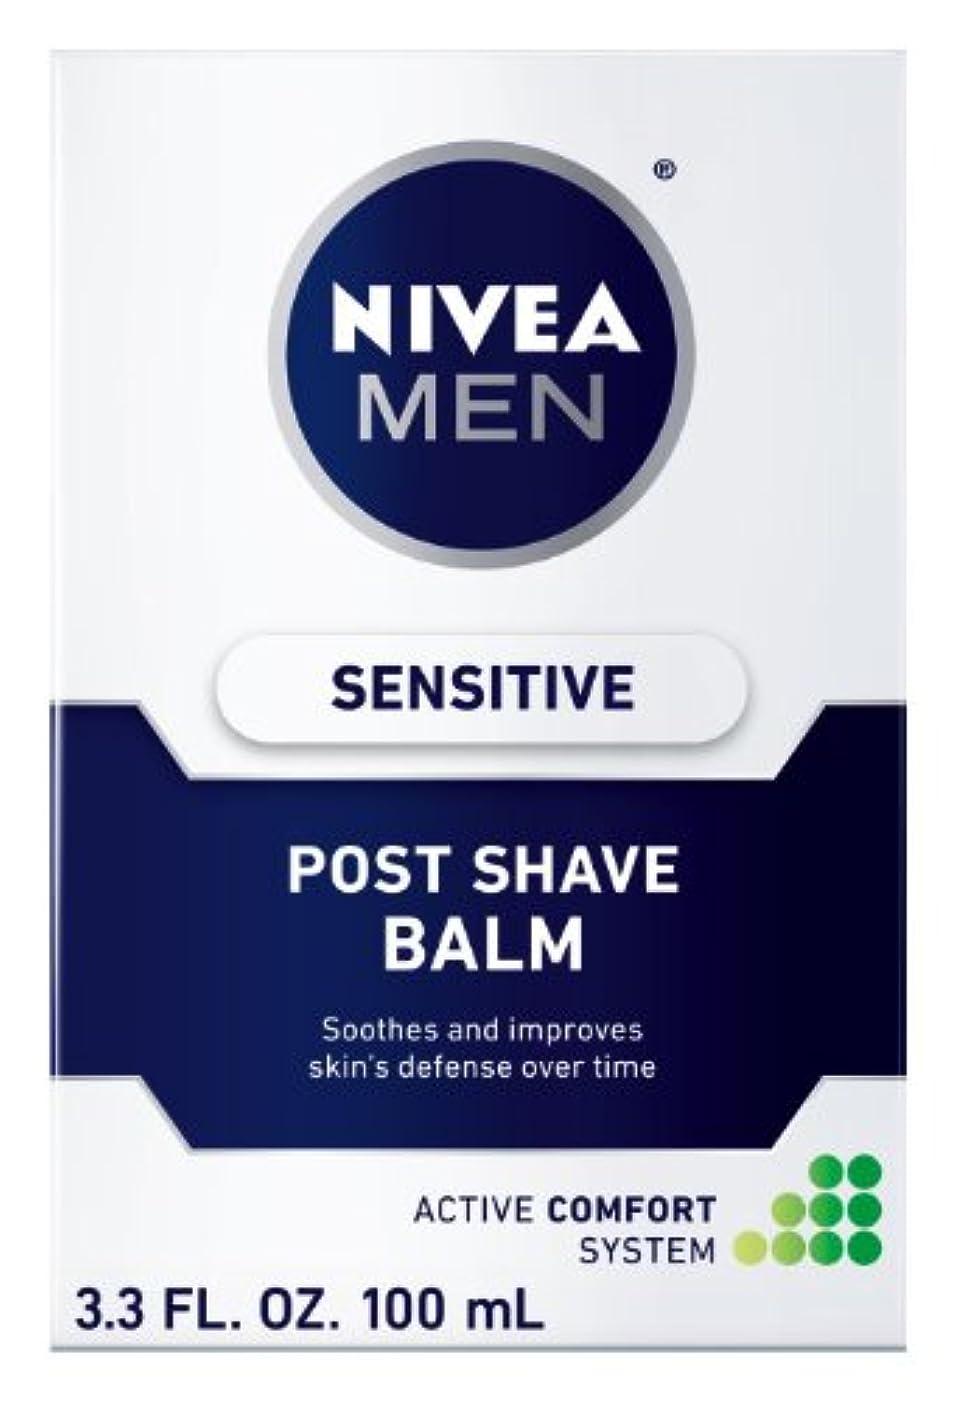 やる対処する意図的【海外直送】 男性用ニベア 敏感肌用 アフターシェーブバーム(100ml) Nivea for Men Sensitive Post Shave Balm (3.3oz)